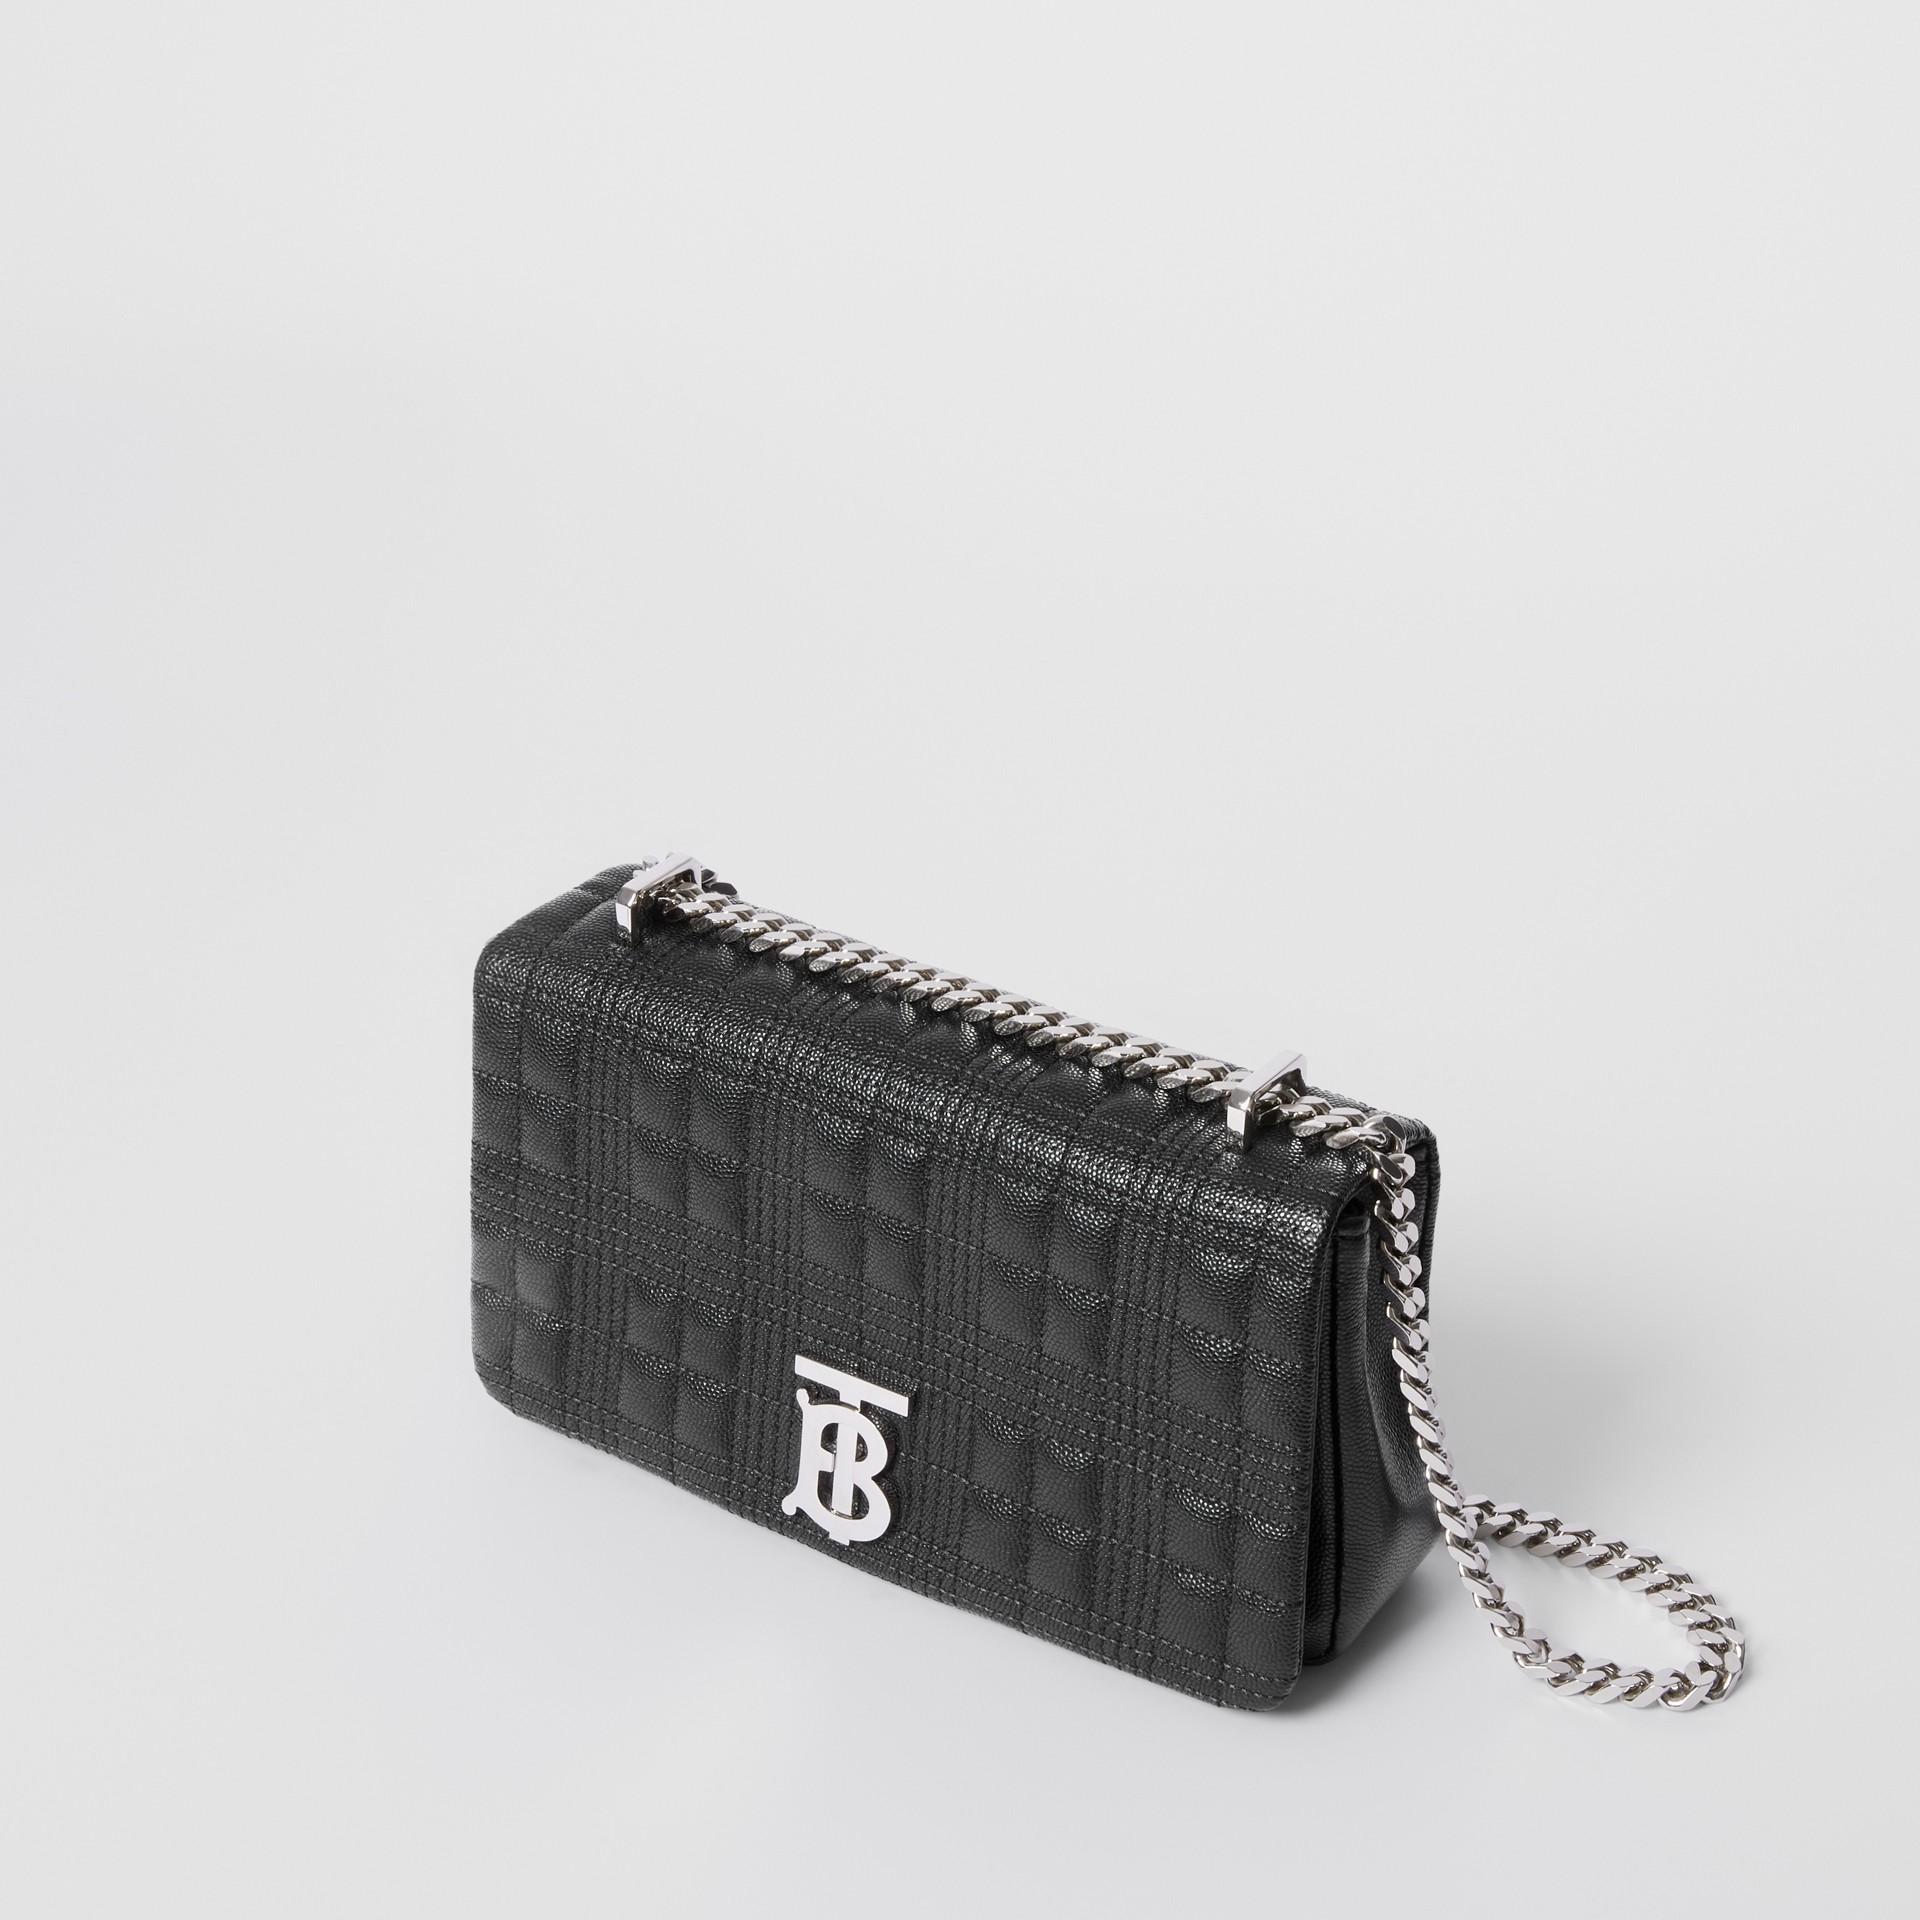 Bolsa Lola acolchoada em couro granulado - Pequena (Preto) | Burberry - galeria de imagens 4